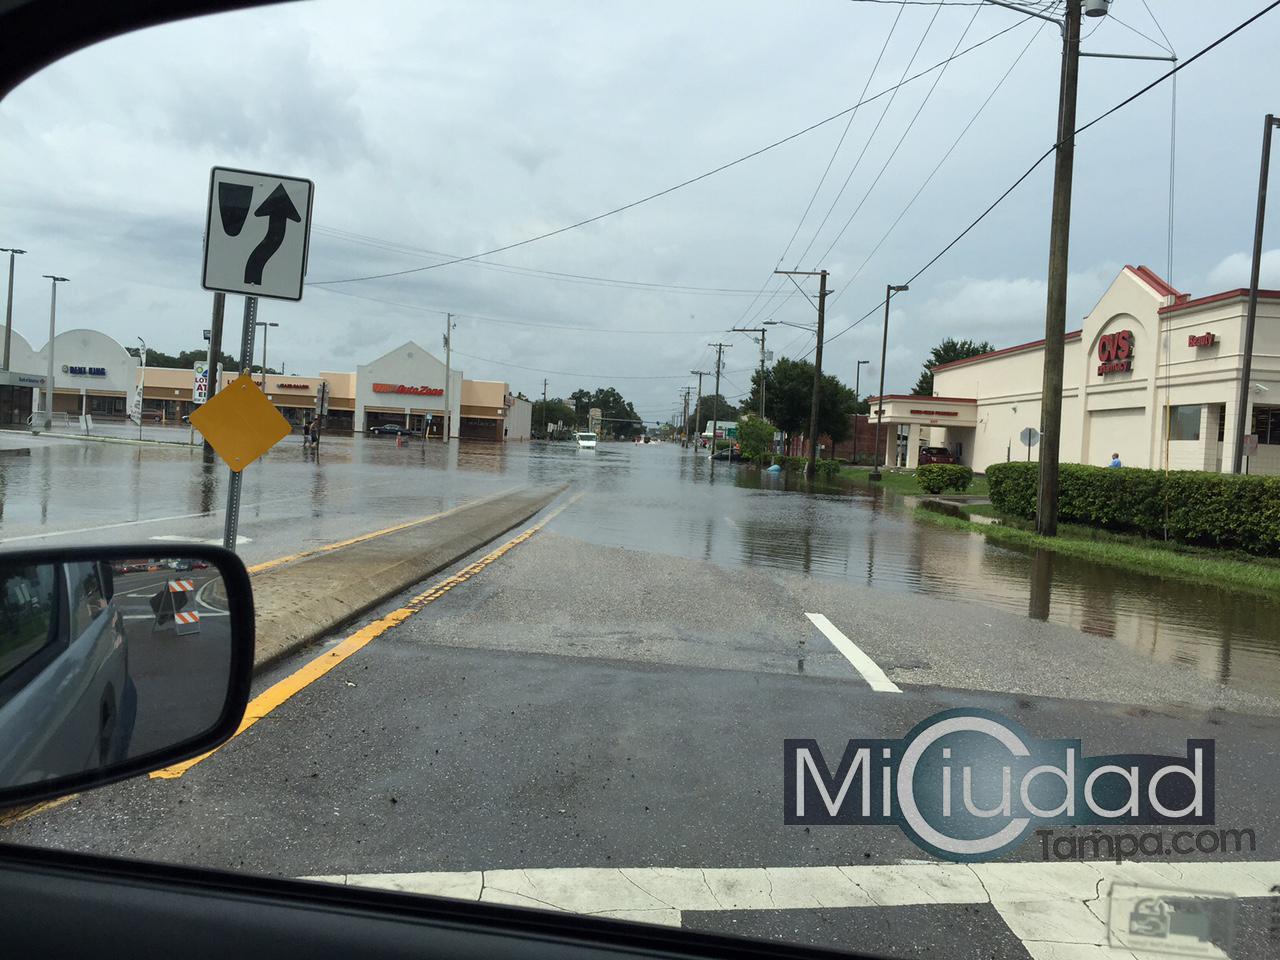 Vista parcial de las inundaciones en Tampa el dia 2 de agosto, una mirada a Hanley Rd desde Hillsborough Av hacia Waters Av.